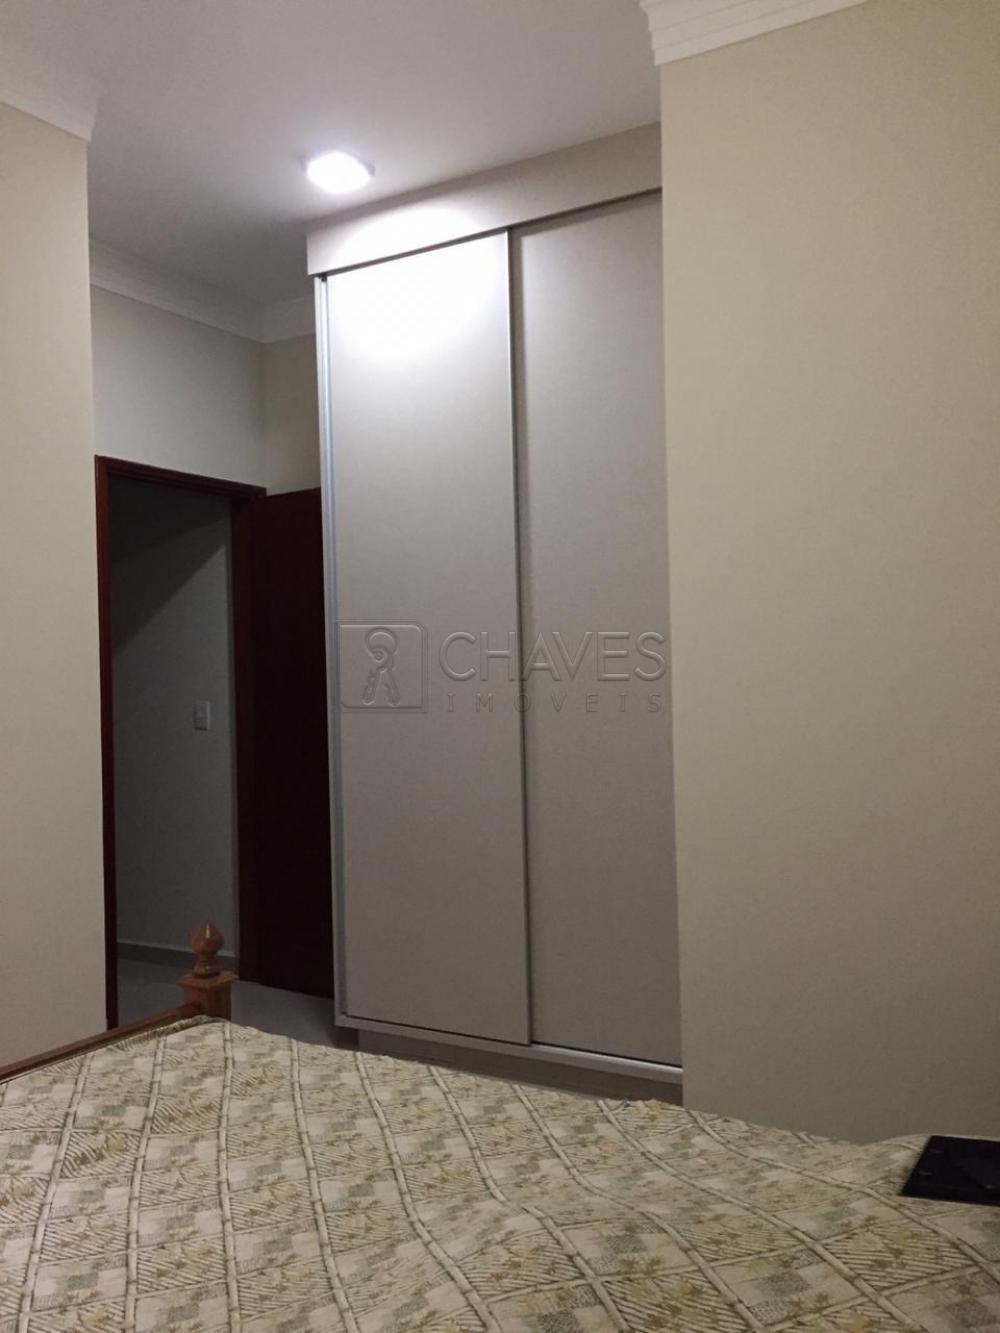 Comprar Casa / Condomínio em Bonfim Paulista apenas R$ 900.000,00 - Foto 14